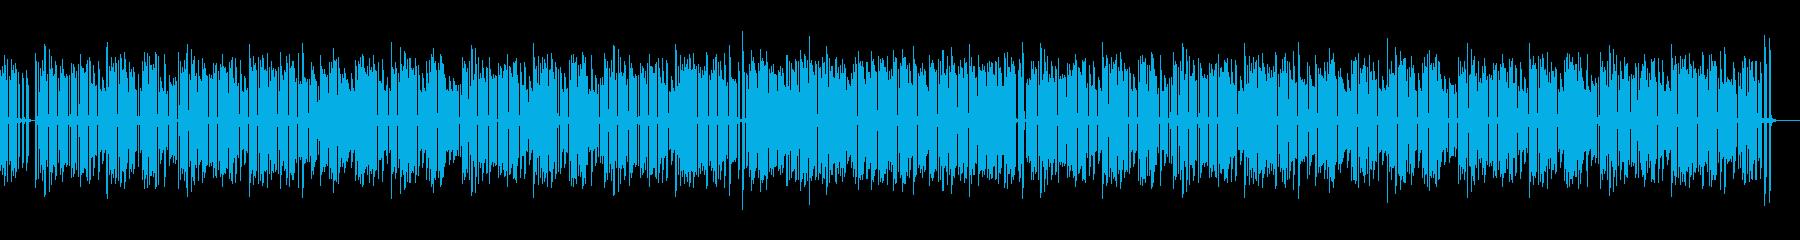 料理番組風オルガン テキパキ軽快BGMの再生済みの波形